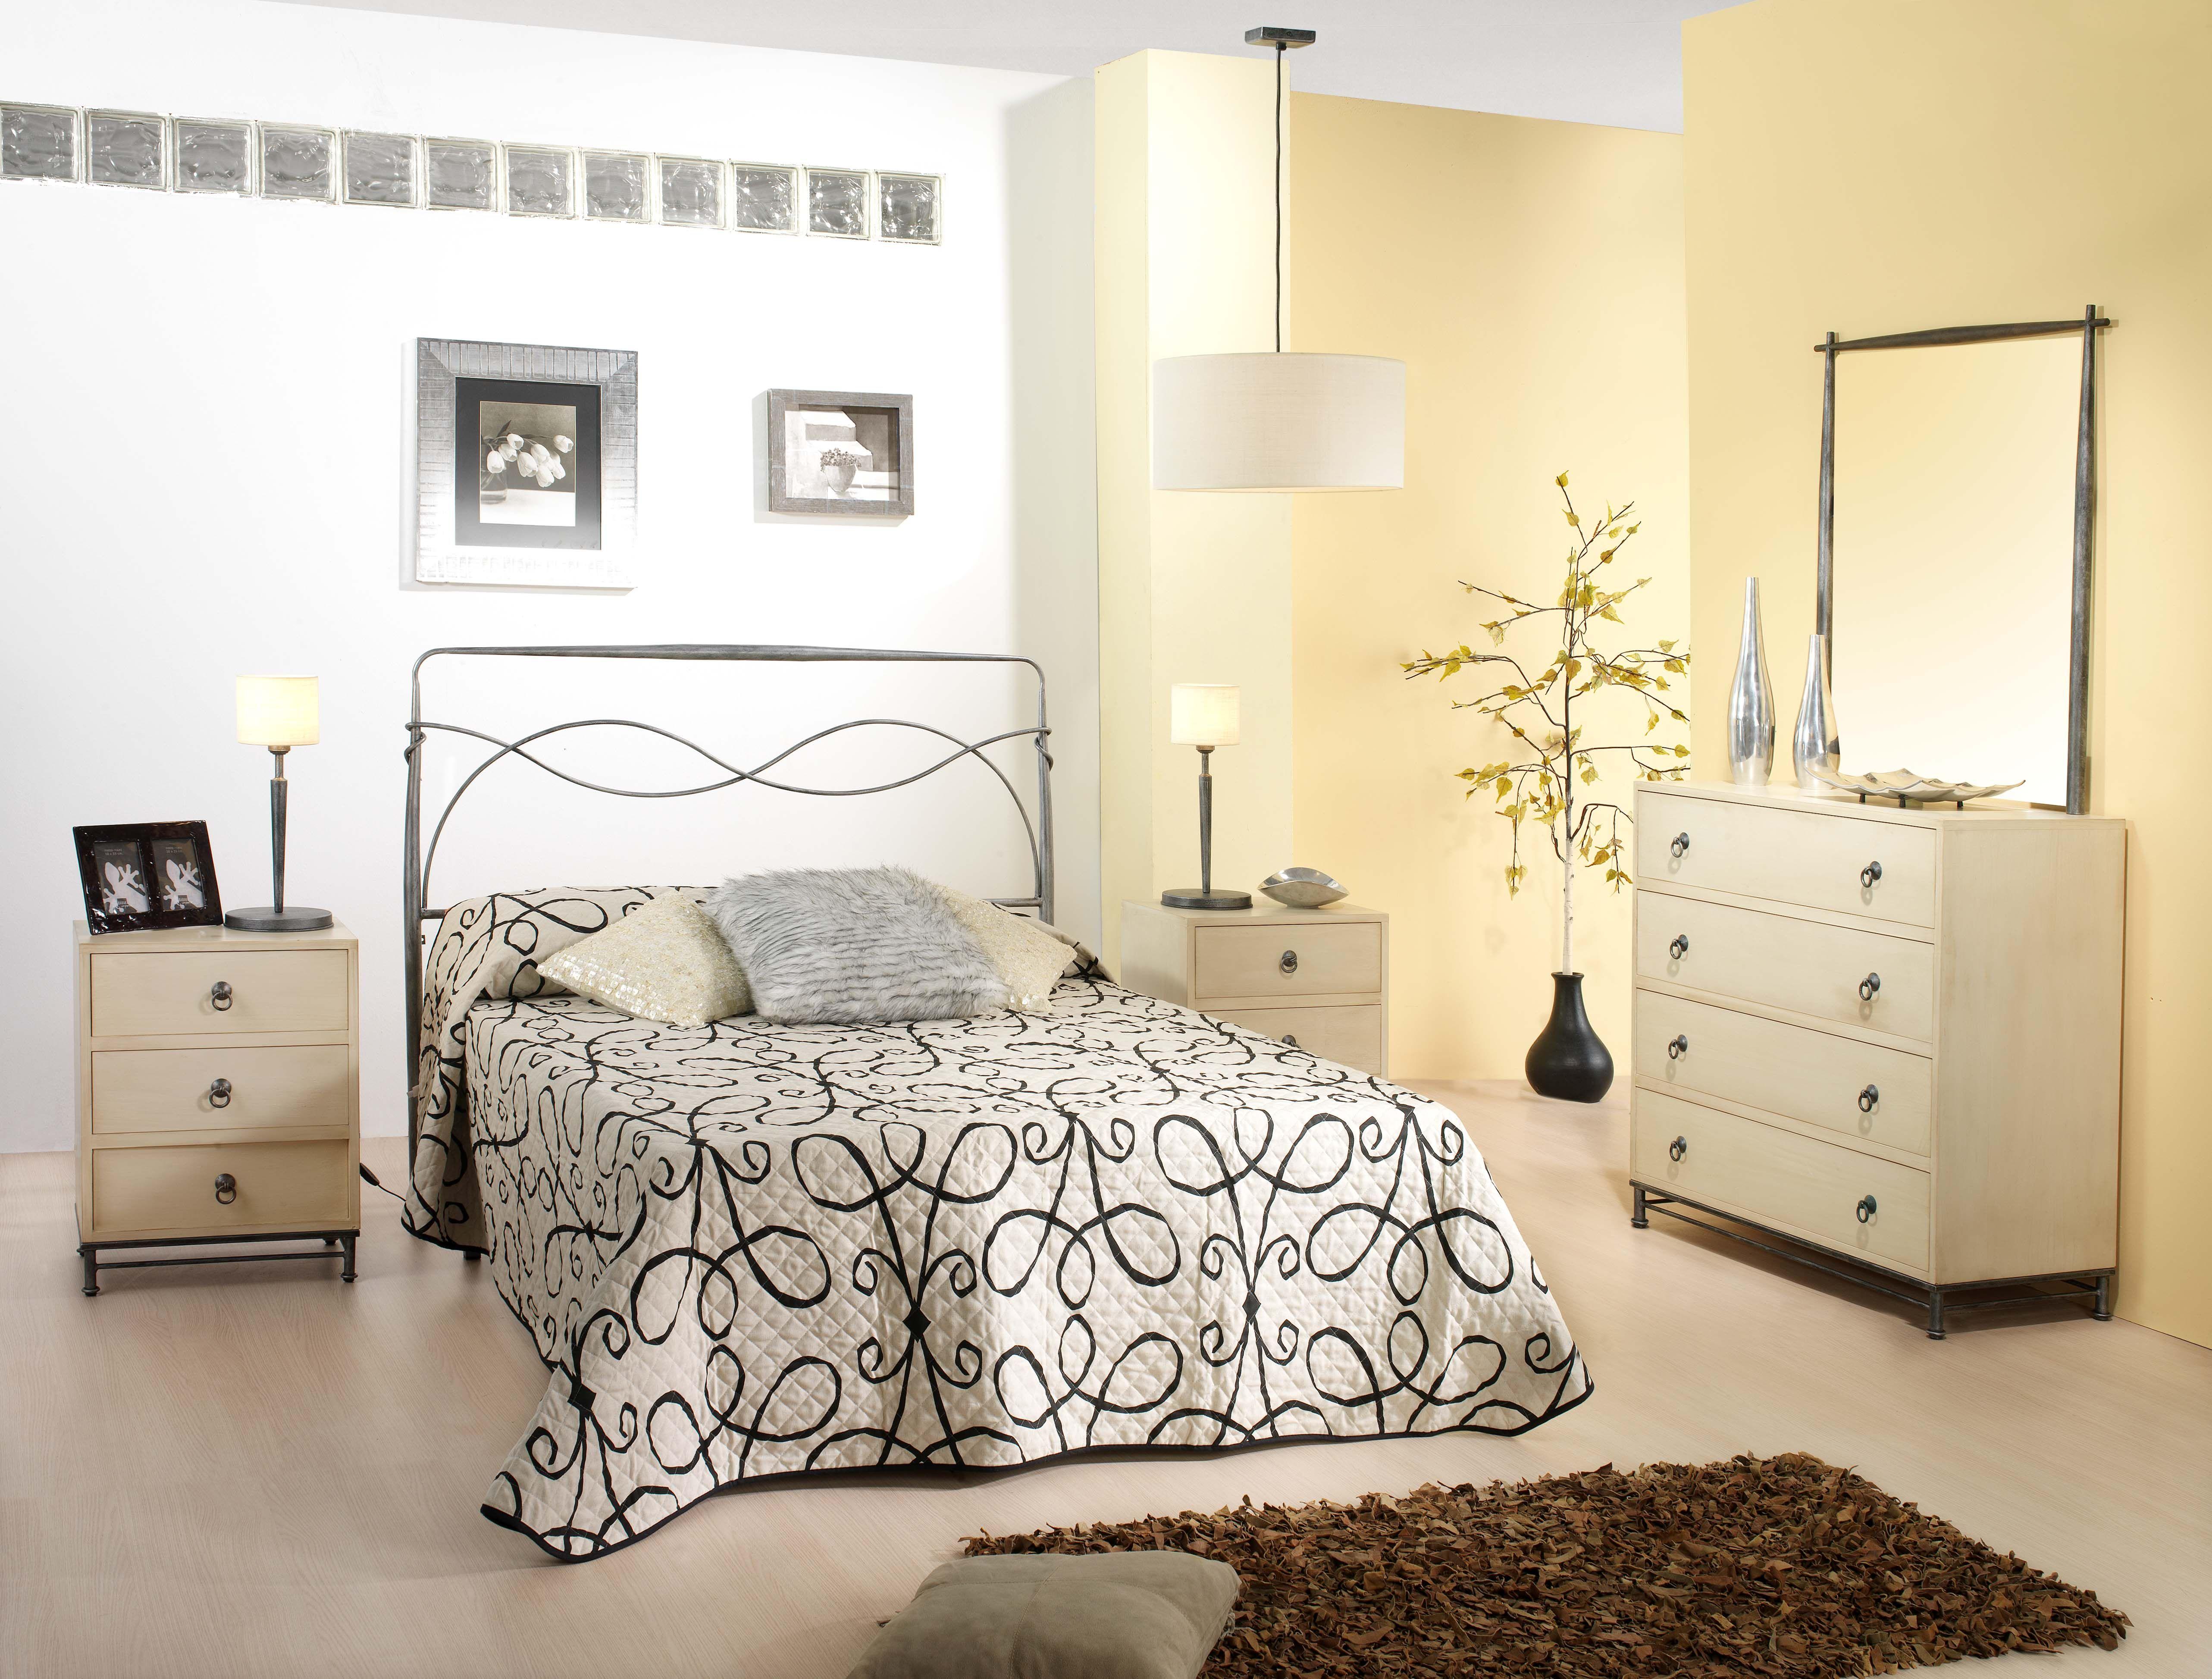 Dormitorio de forja y madera mod Horus fabricado a mano tonos de